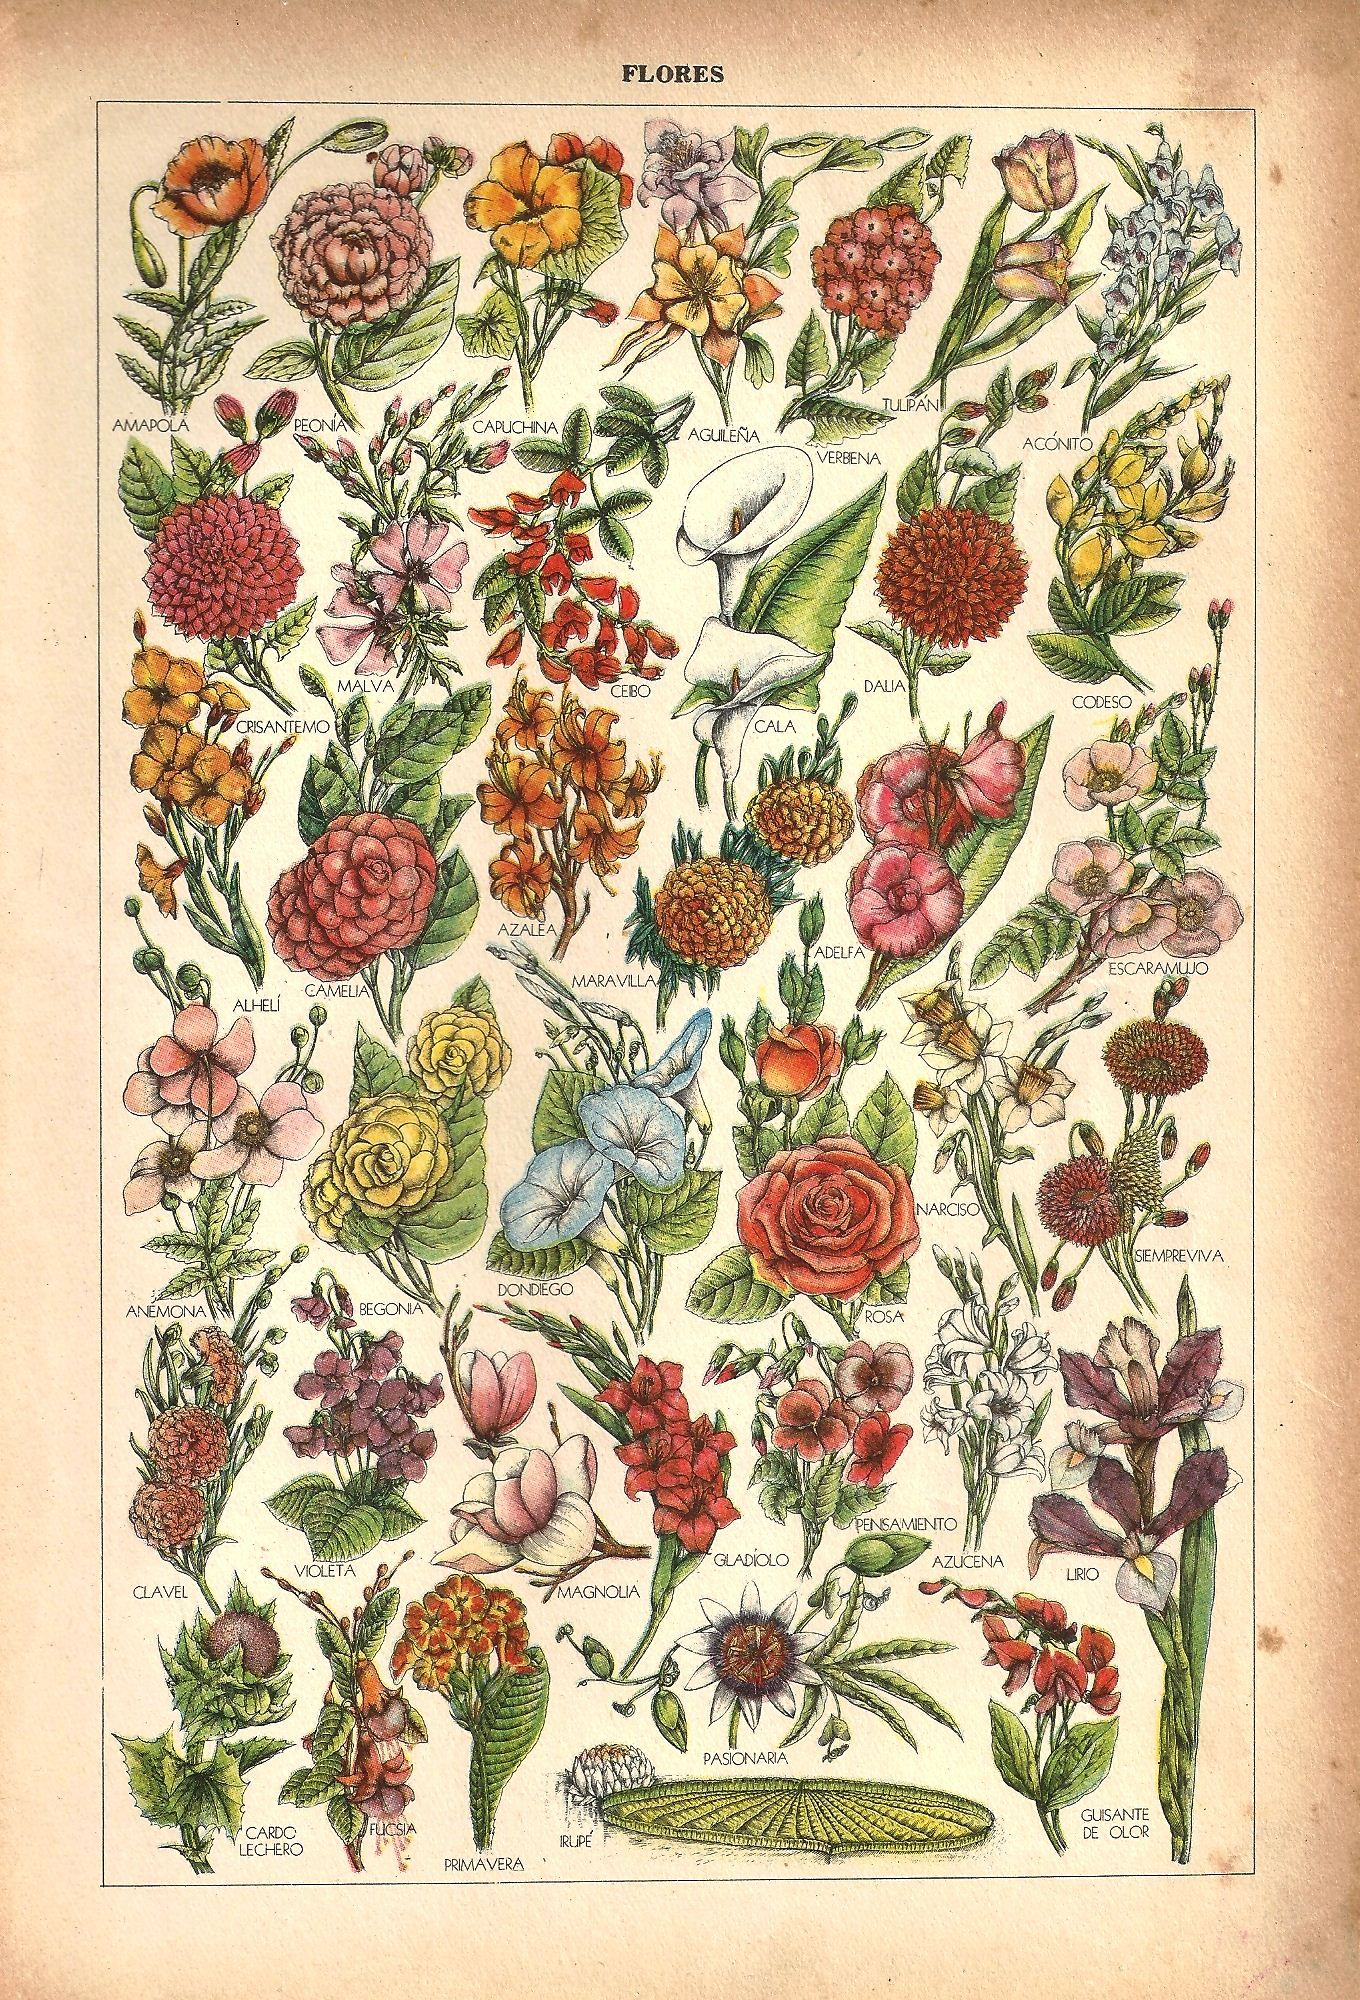 Flores. Lámina extraída de Sapiens, Enciclopedia ilustrada